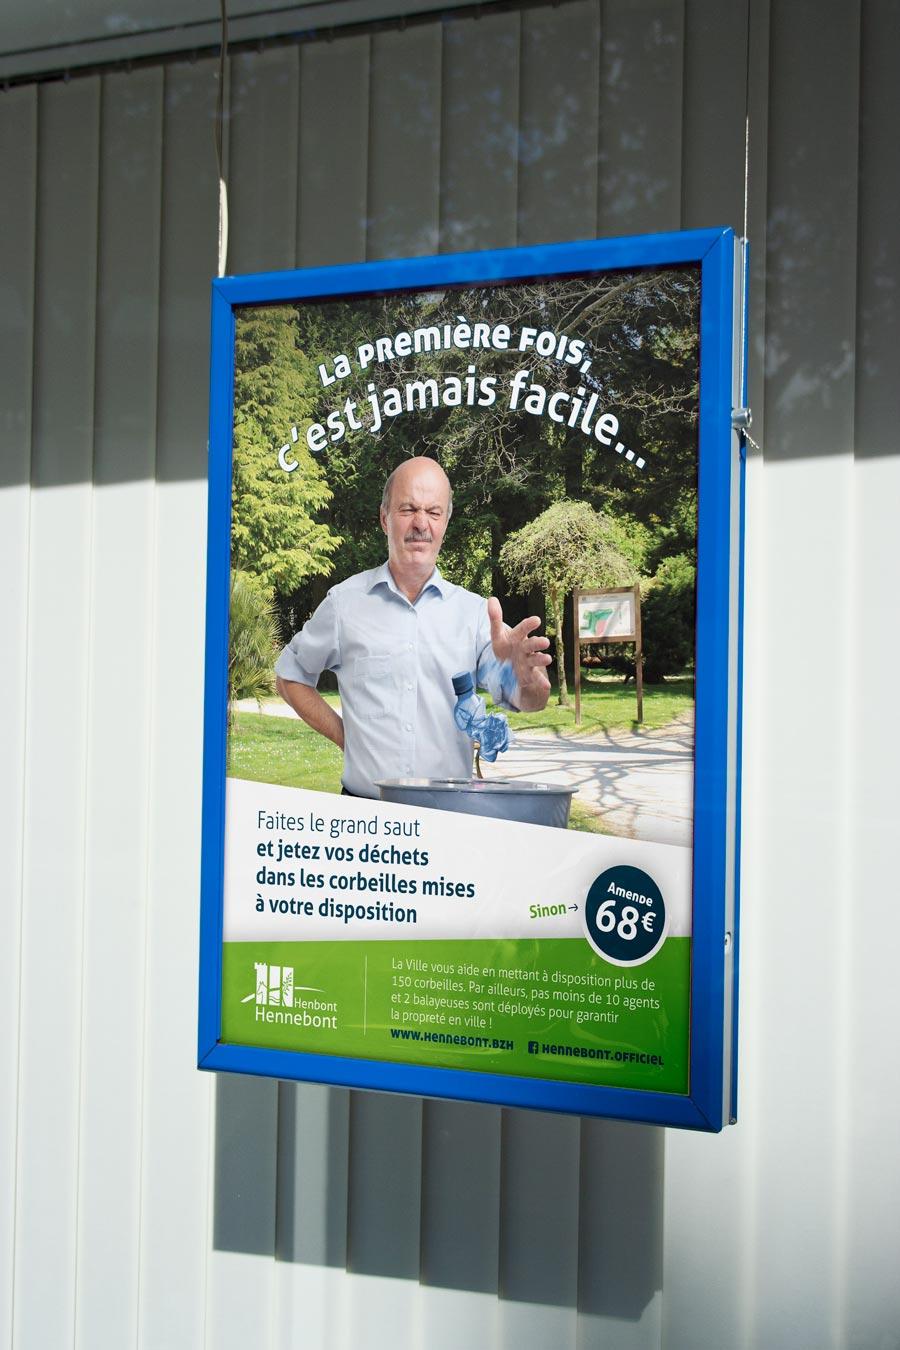 La déclinaison de l'affiche avec le message sur les déchets